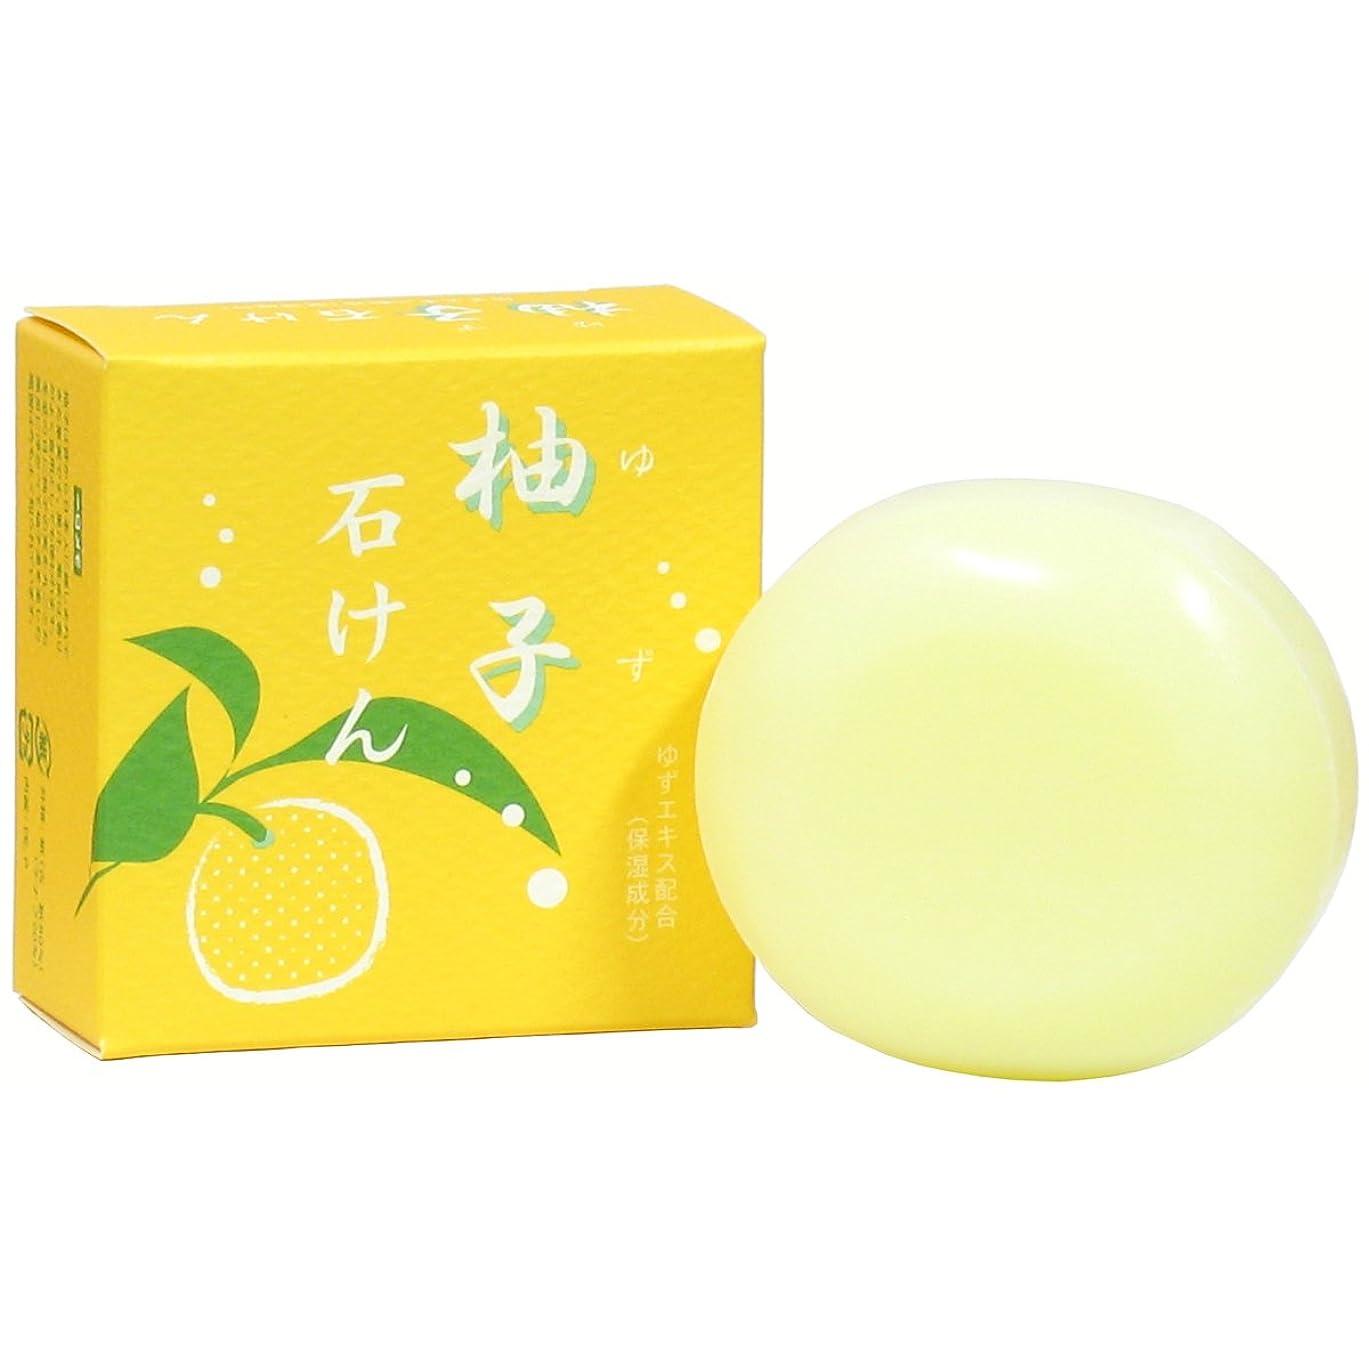 シルエット健全に同意するゆず石鹸100g ユズ 柚子 石けん せっけん セッケン